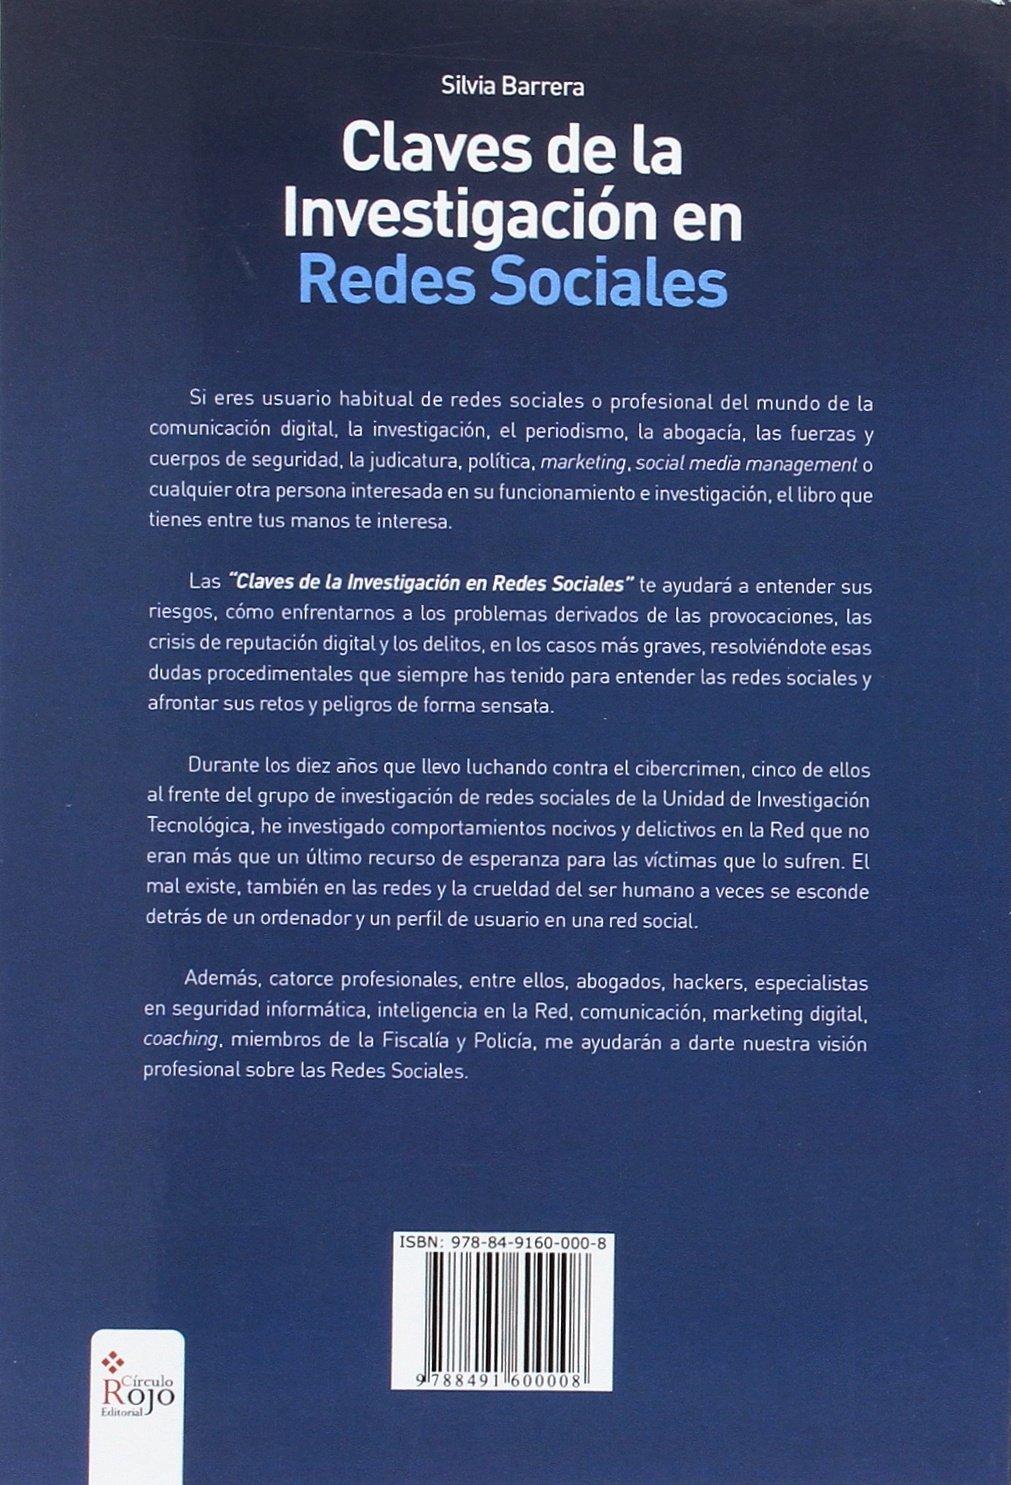 Claves de la investigación en redes sociales: Historia de una humilde servidora al servicio del ciudadano. El día que descubrió la magia de la Red, ...